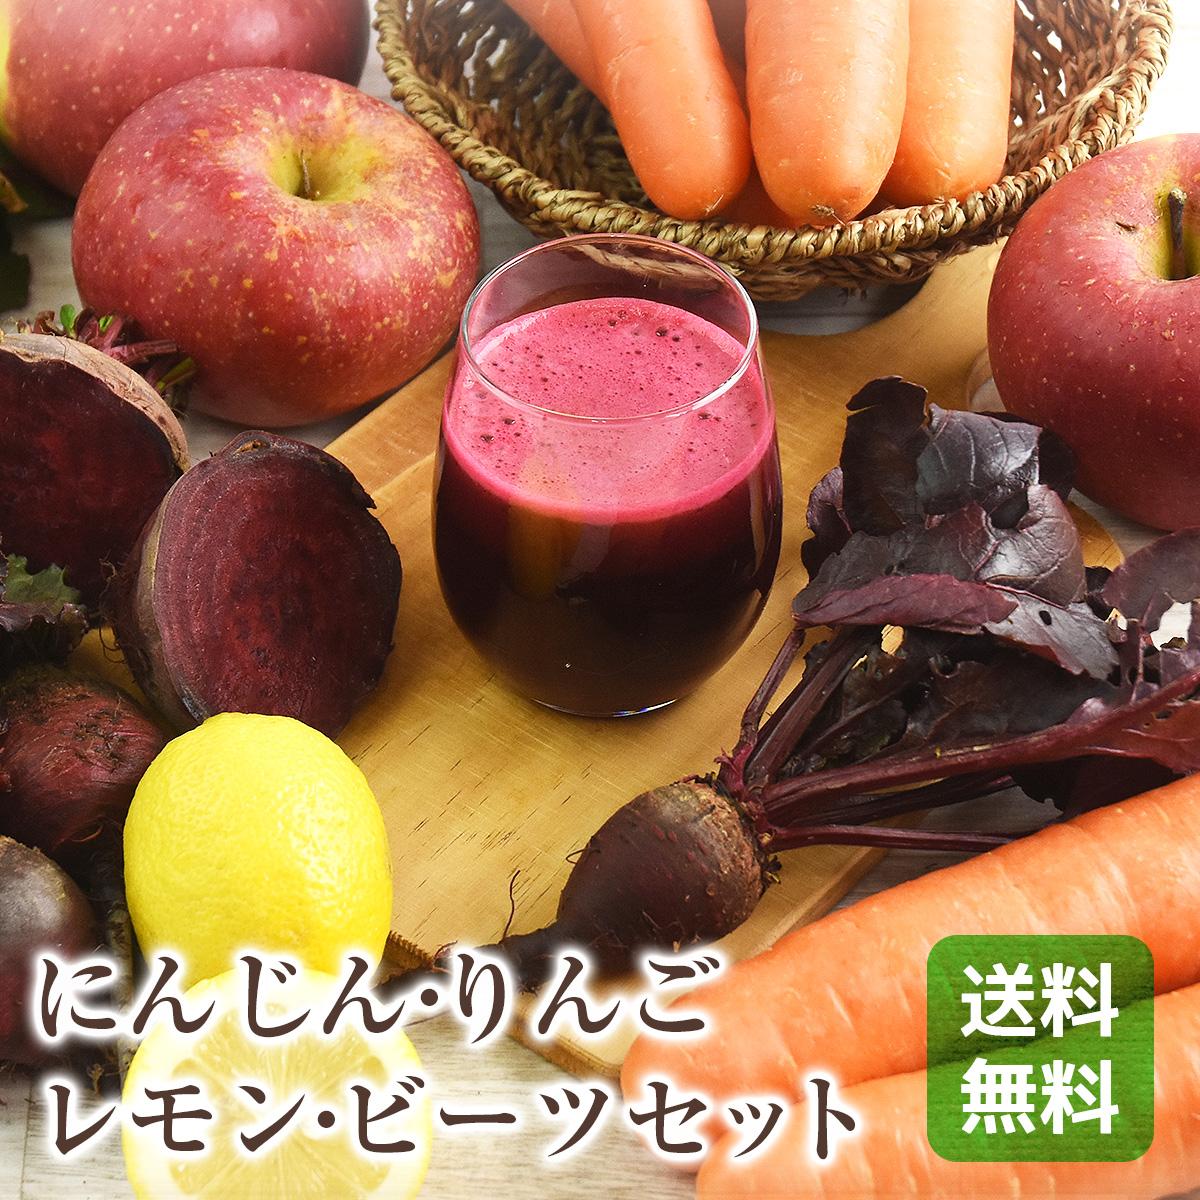 無農薬にんじんビーツ野菜セット(無農薬にんじん3kg+ビーツ3個+りんご1kg+レモン500g) にんじんジュース キット ビート  コールドプレスジュース用  朝食キット